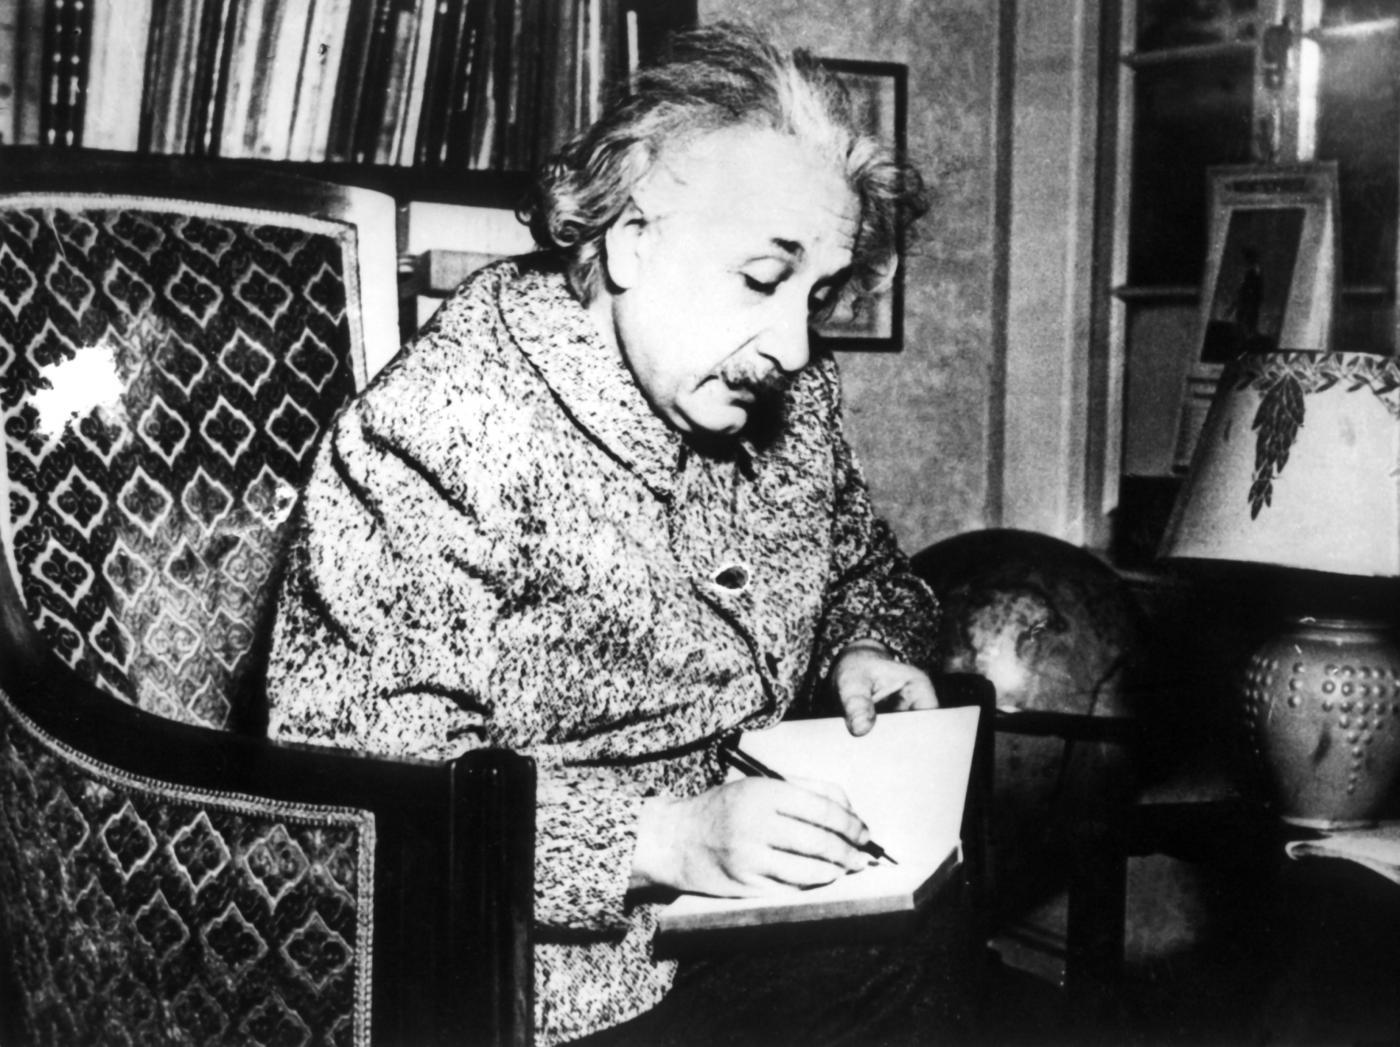 Frasi celebri di Albert Einstein sull'amore e su Dio